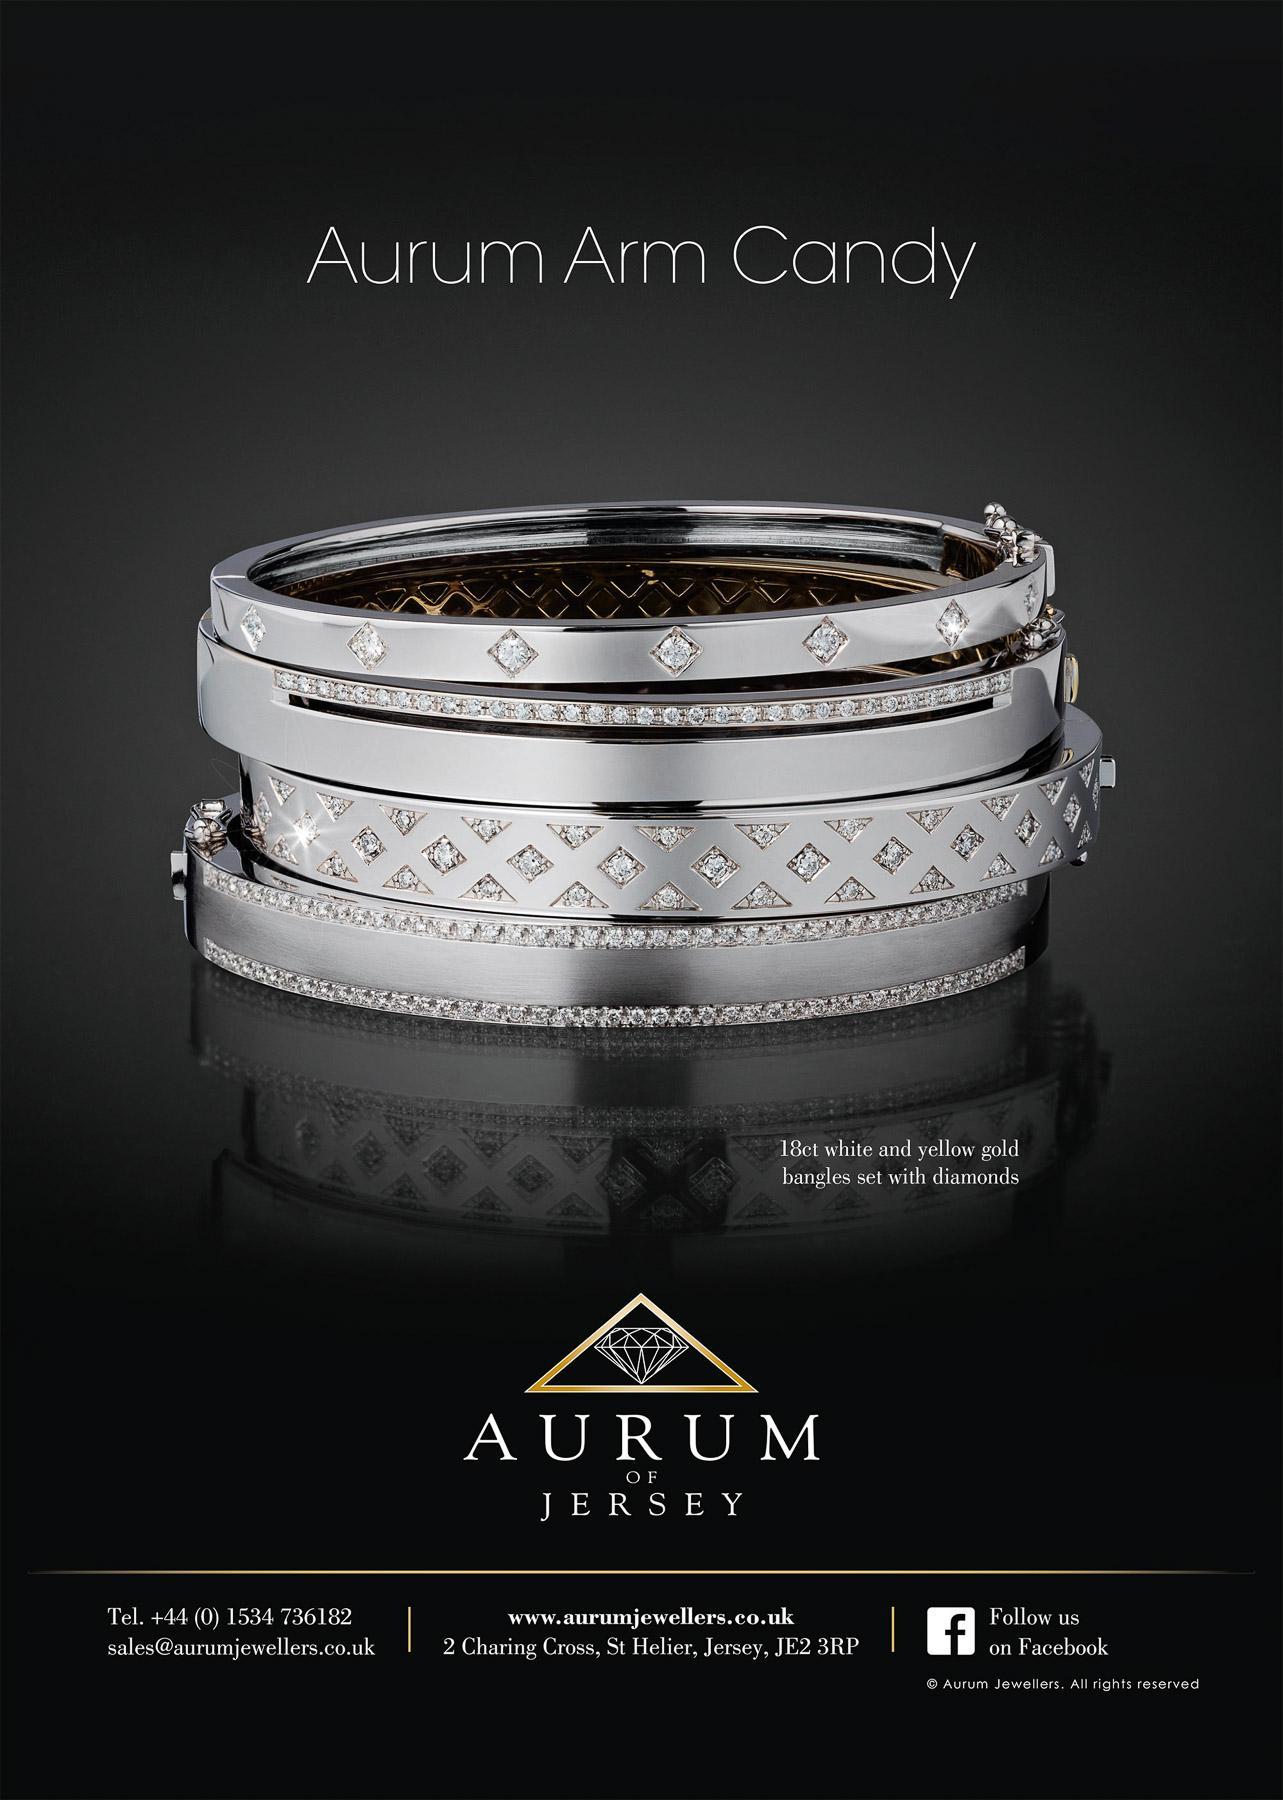 Aurum of Jersey